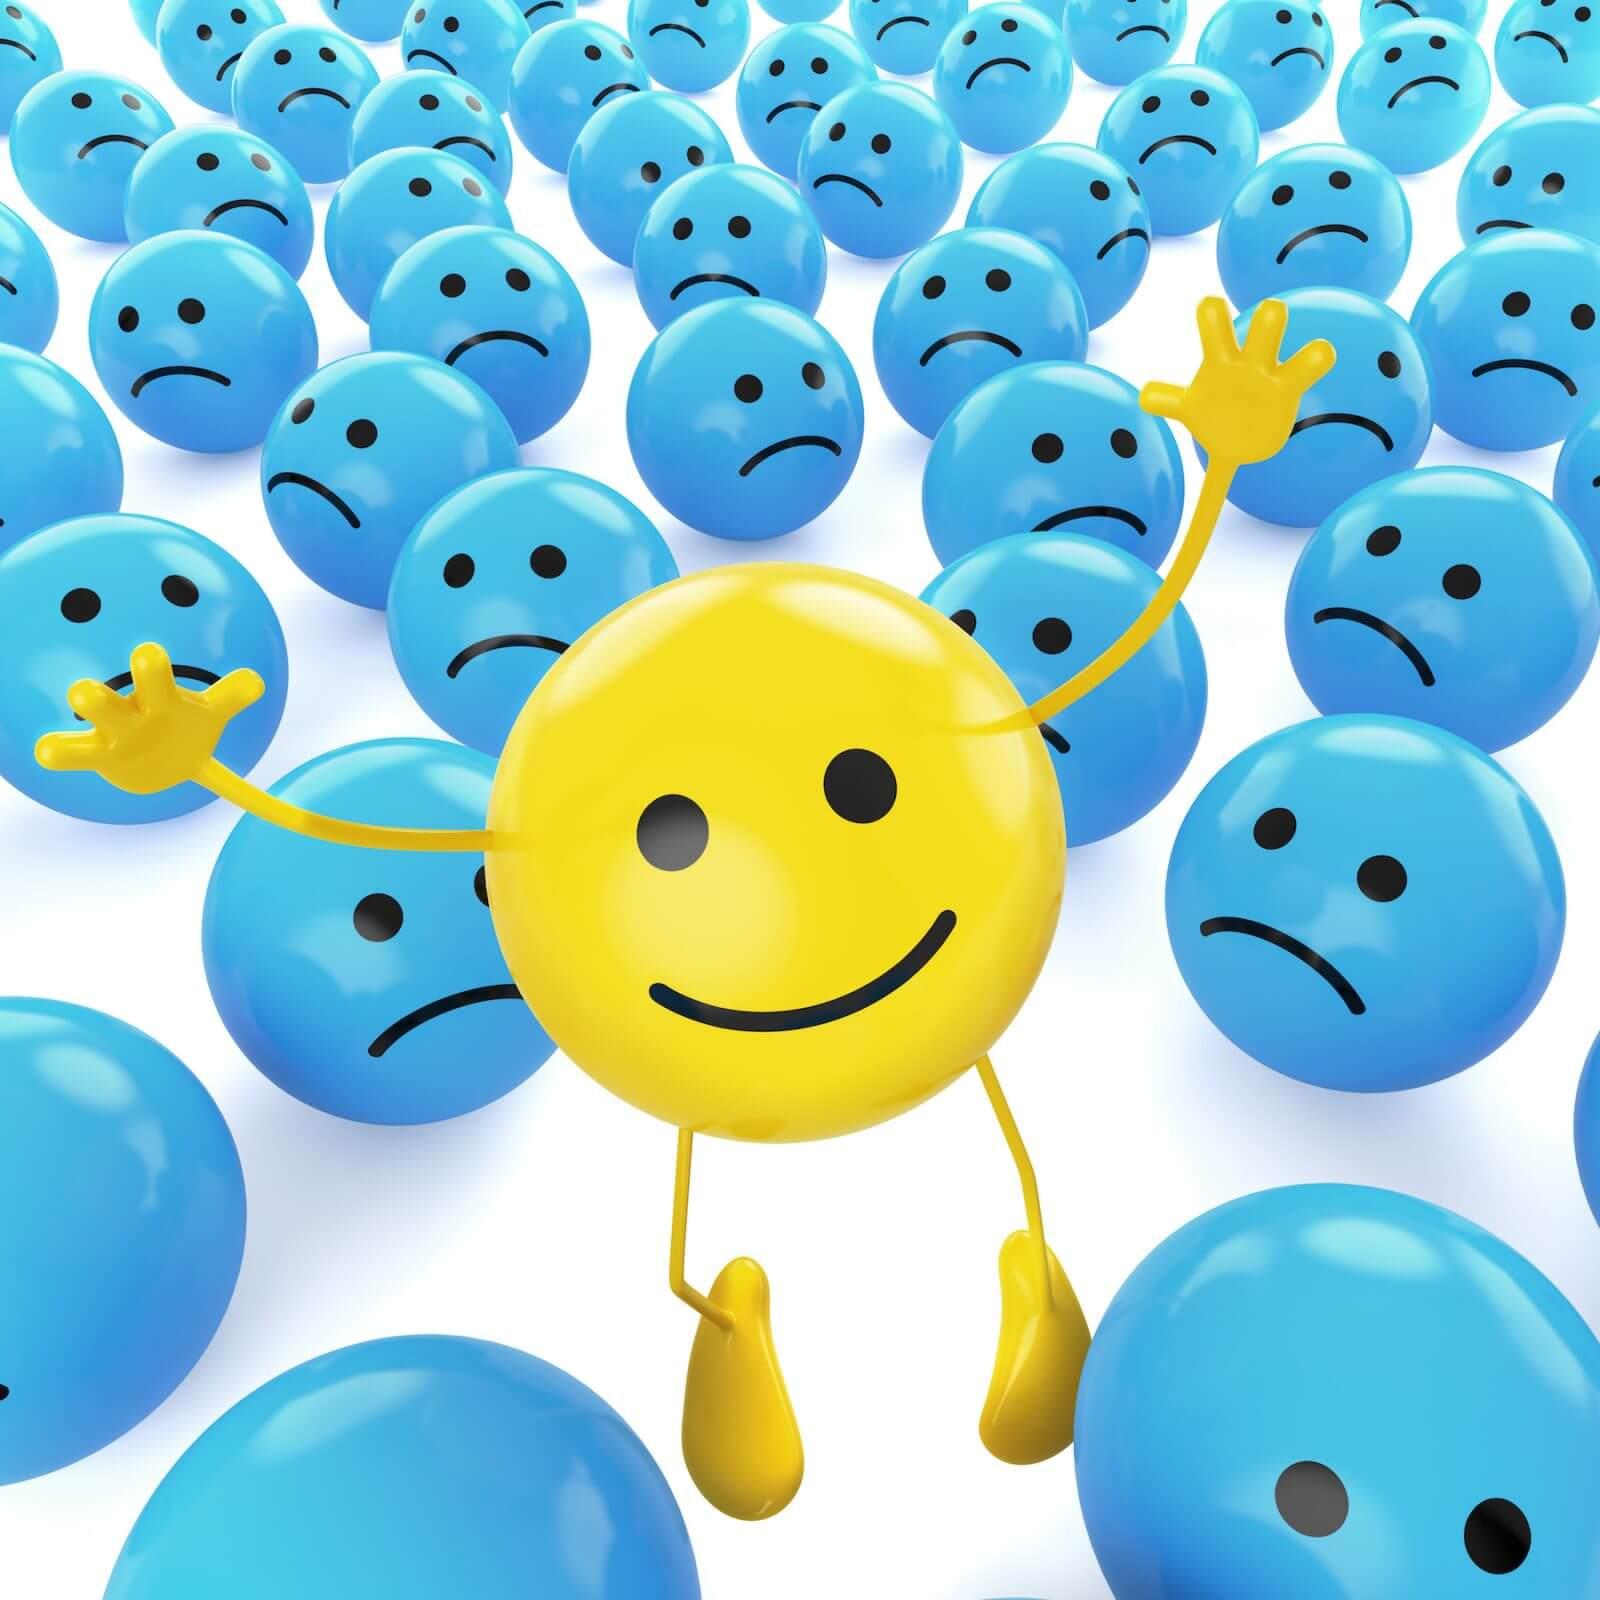 El optimismo ante la enfermedad